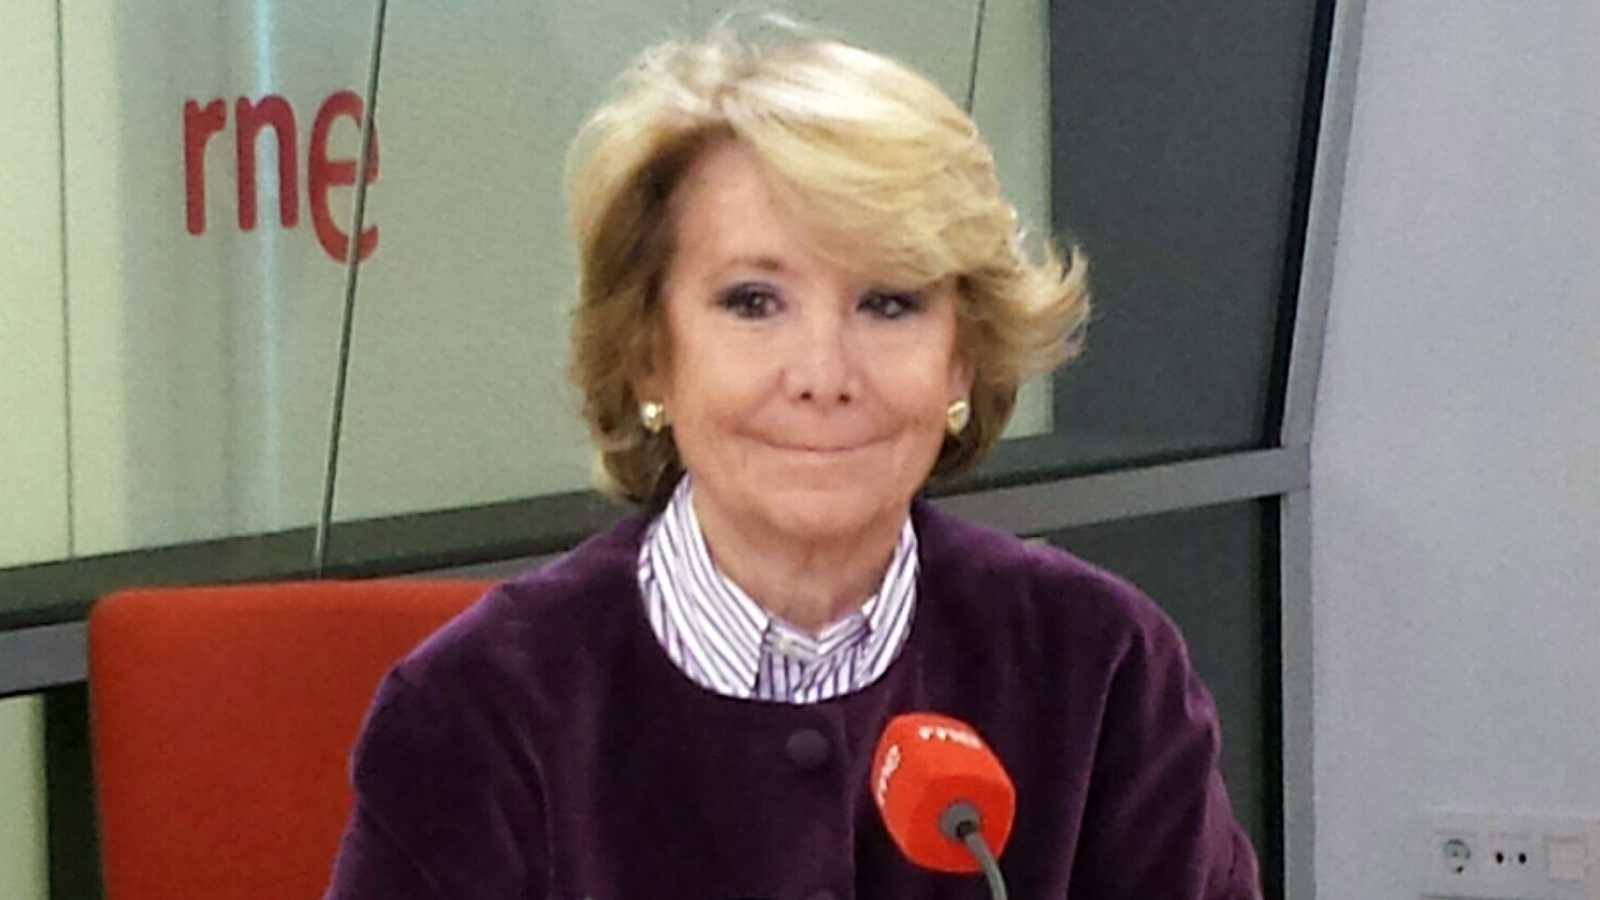 Las mañanas de RNE - Elecciones 24M - Entrevista a Esperanza Aguirre, candidata del PP a la alcaldía de Madrid - Escuchar ahora